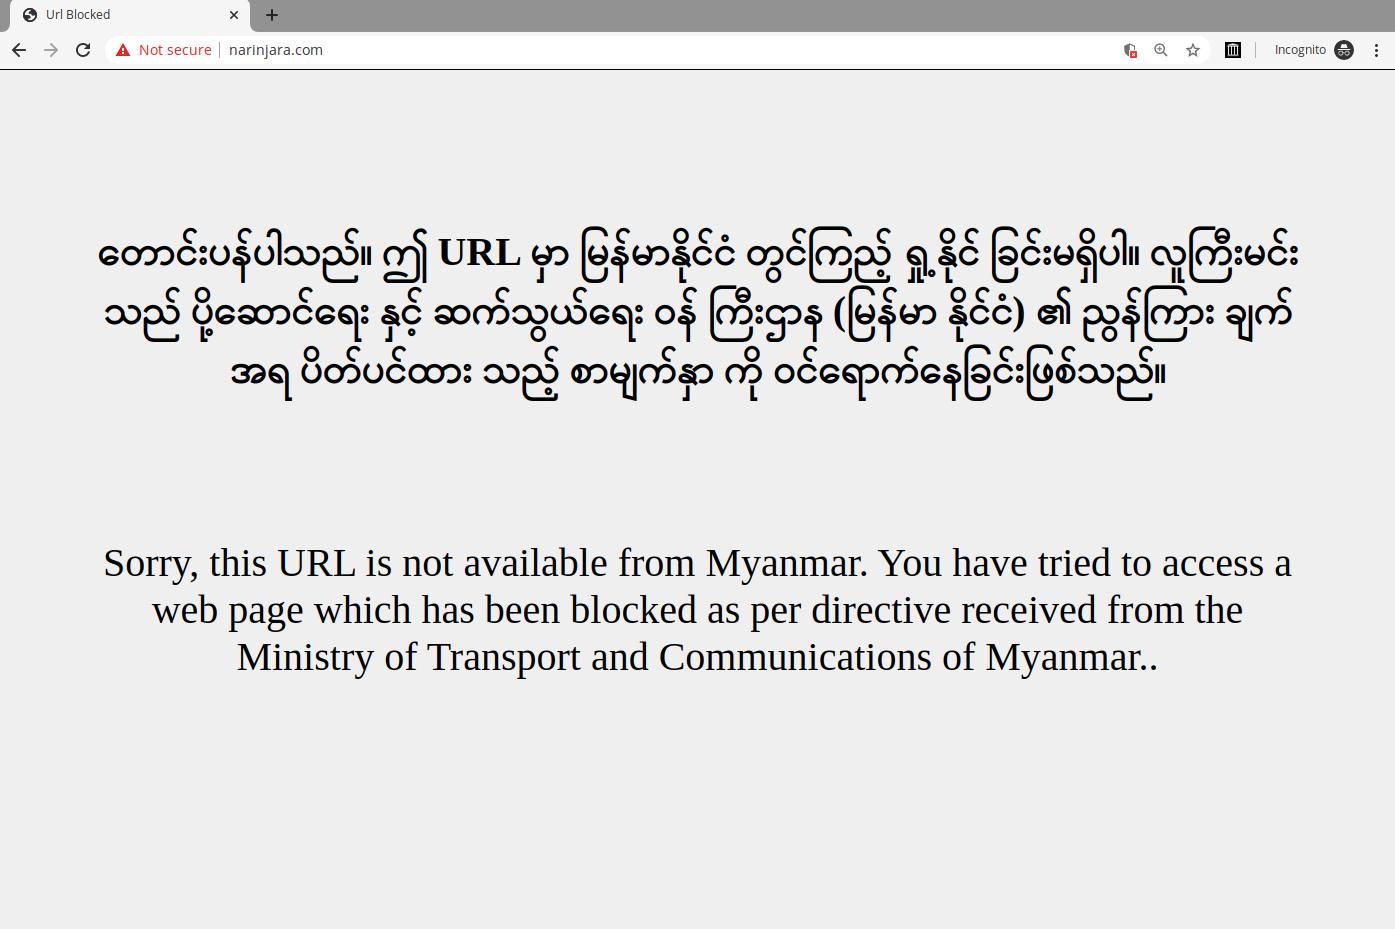 Capture d'écran montrant une page web bloquée en Birmanie